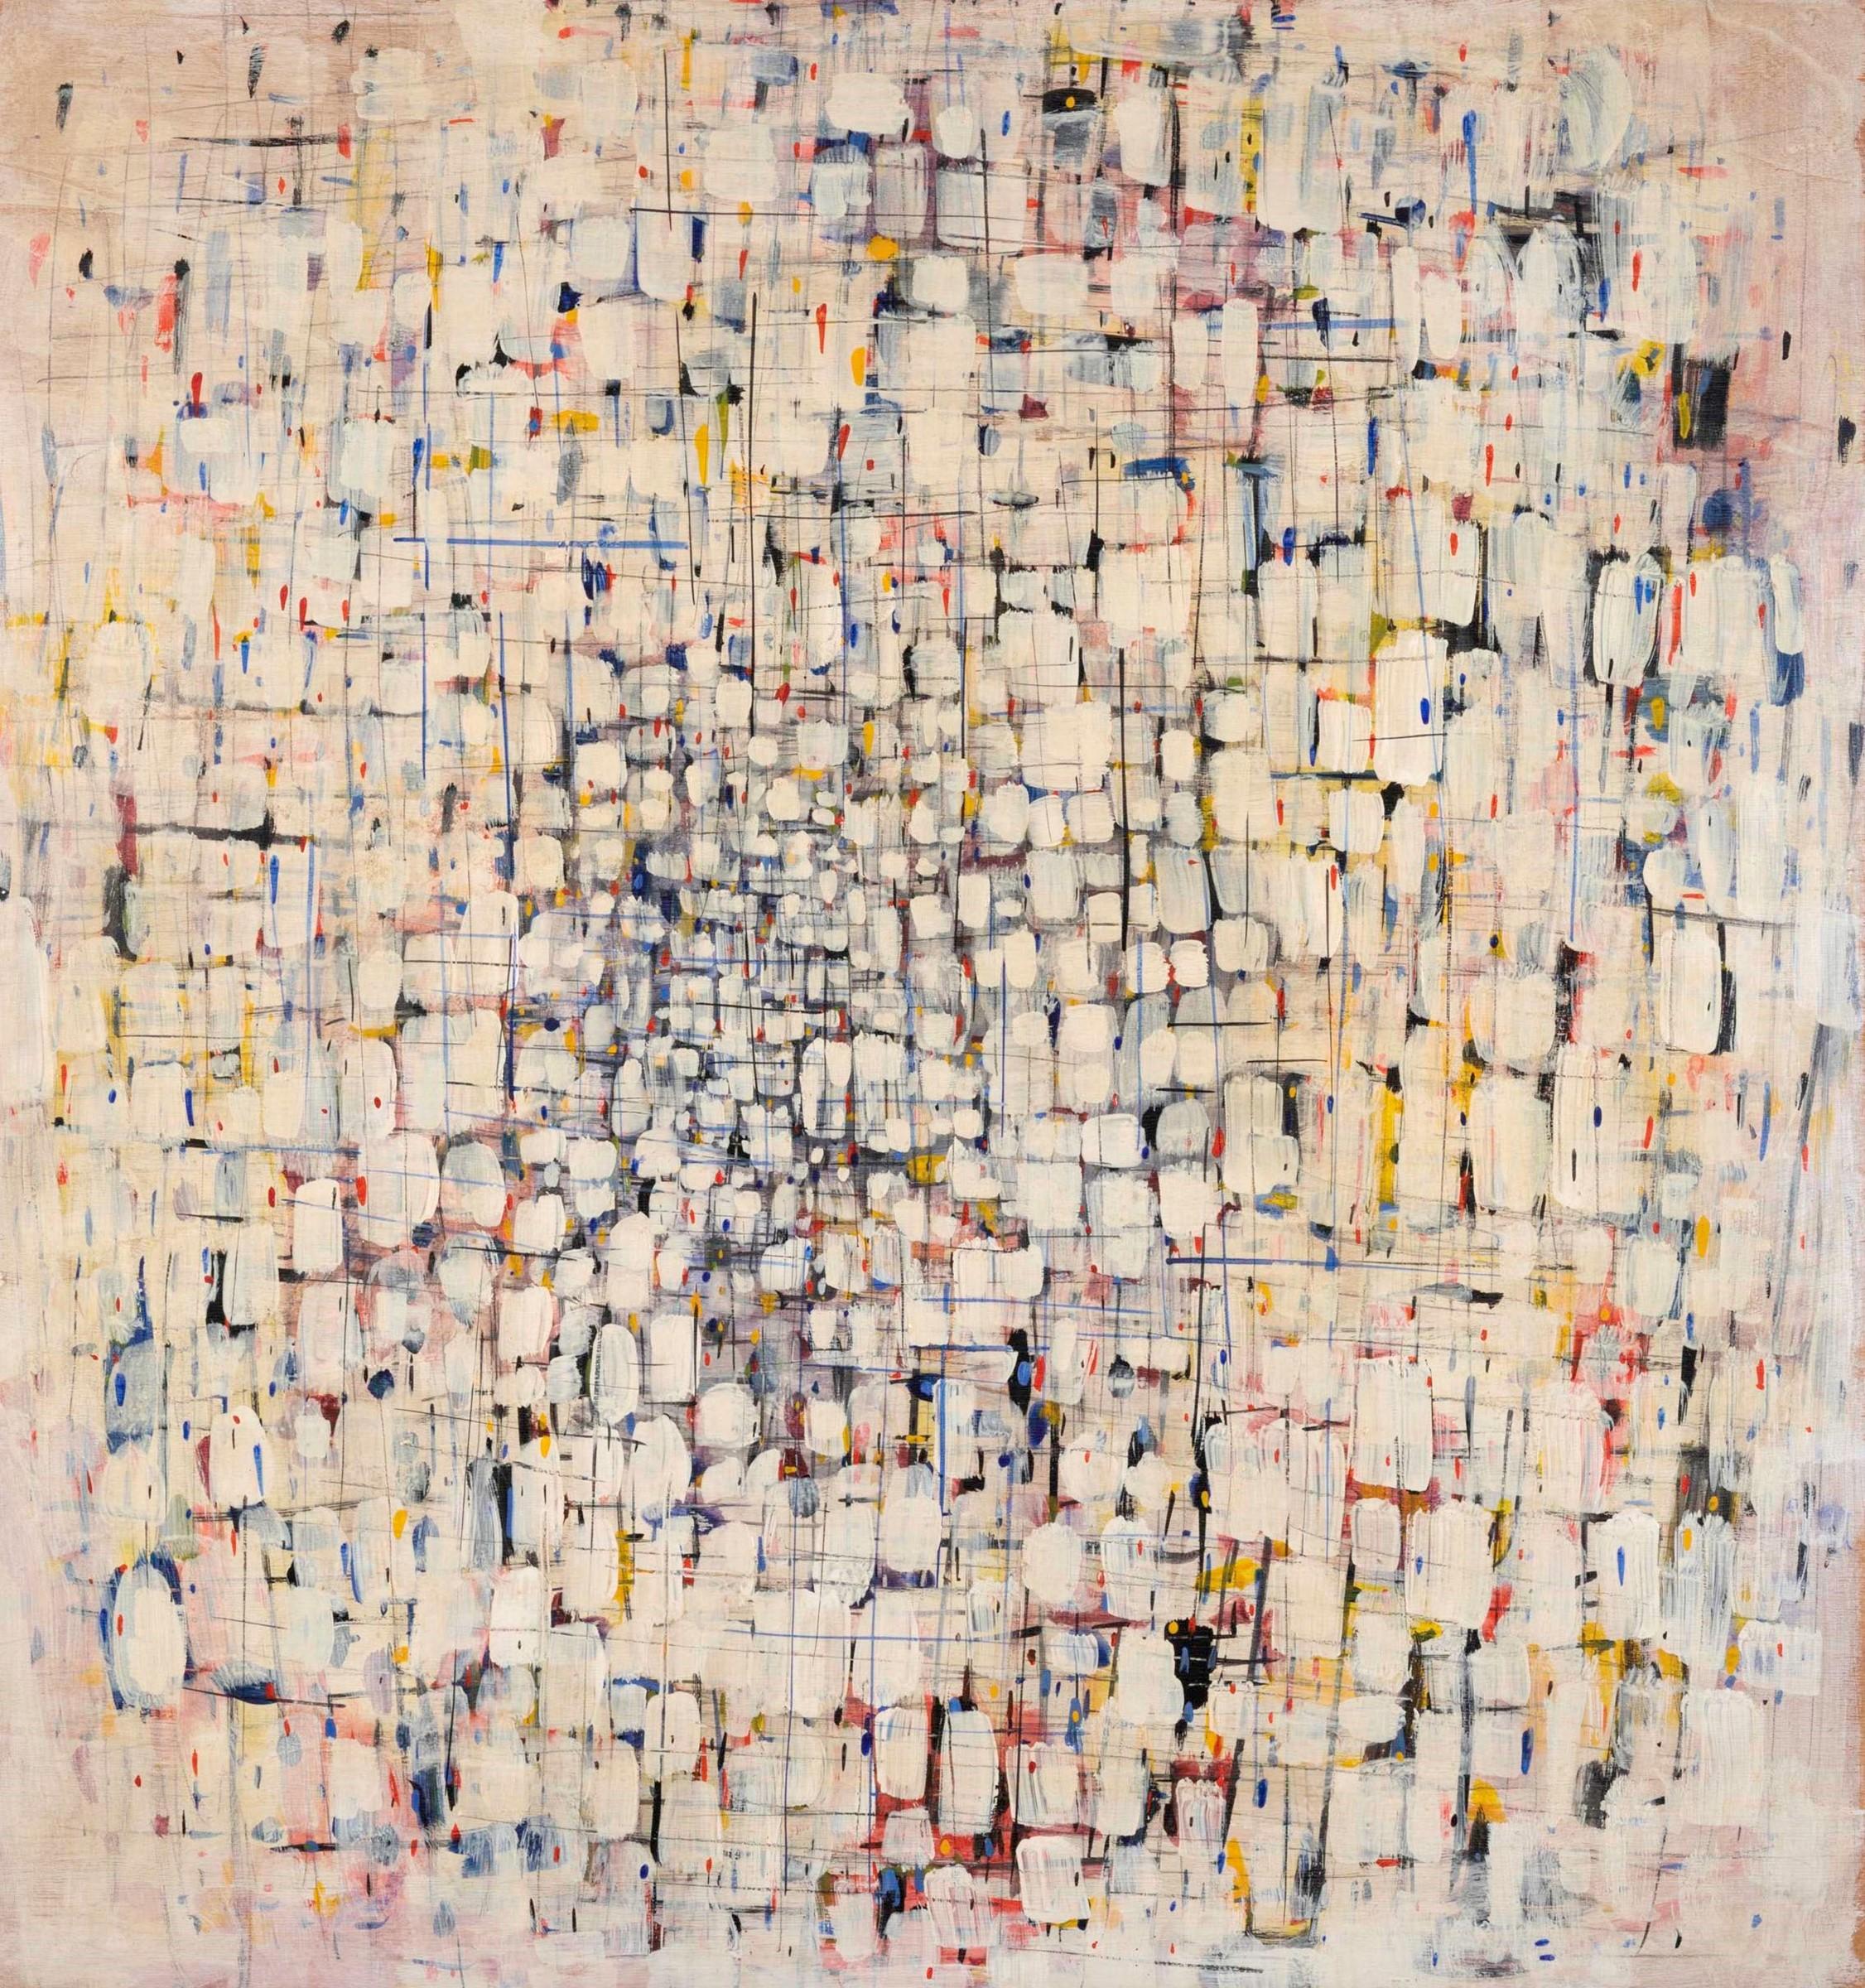 Vente Art Moderne et Contemporain, Photographie, Bandes Dessinées (Milano) chez Cambi Casa d'Aste : 189 lots